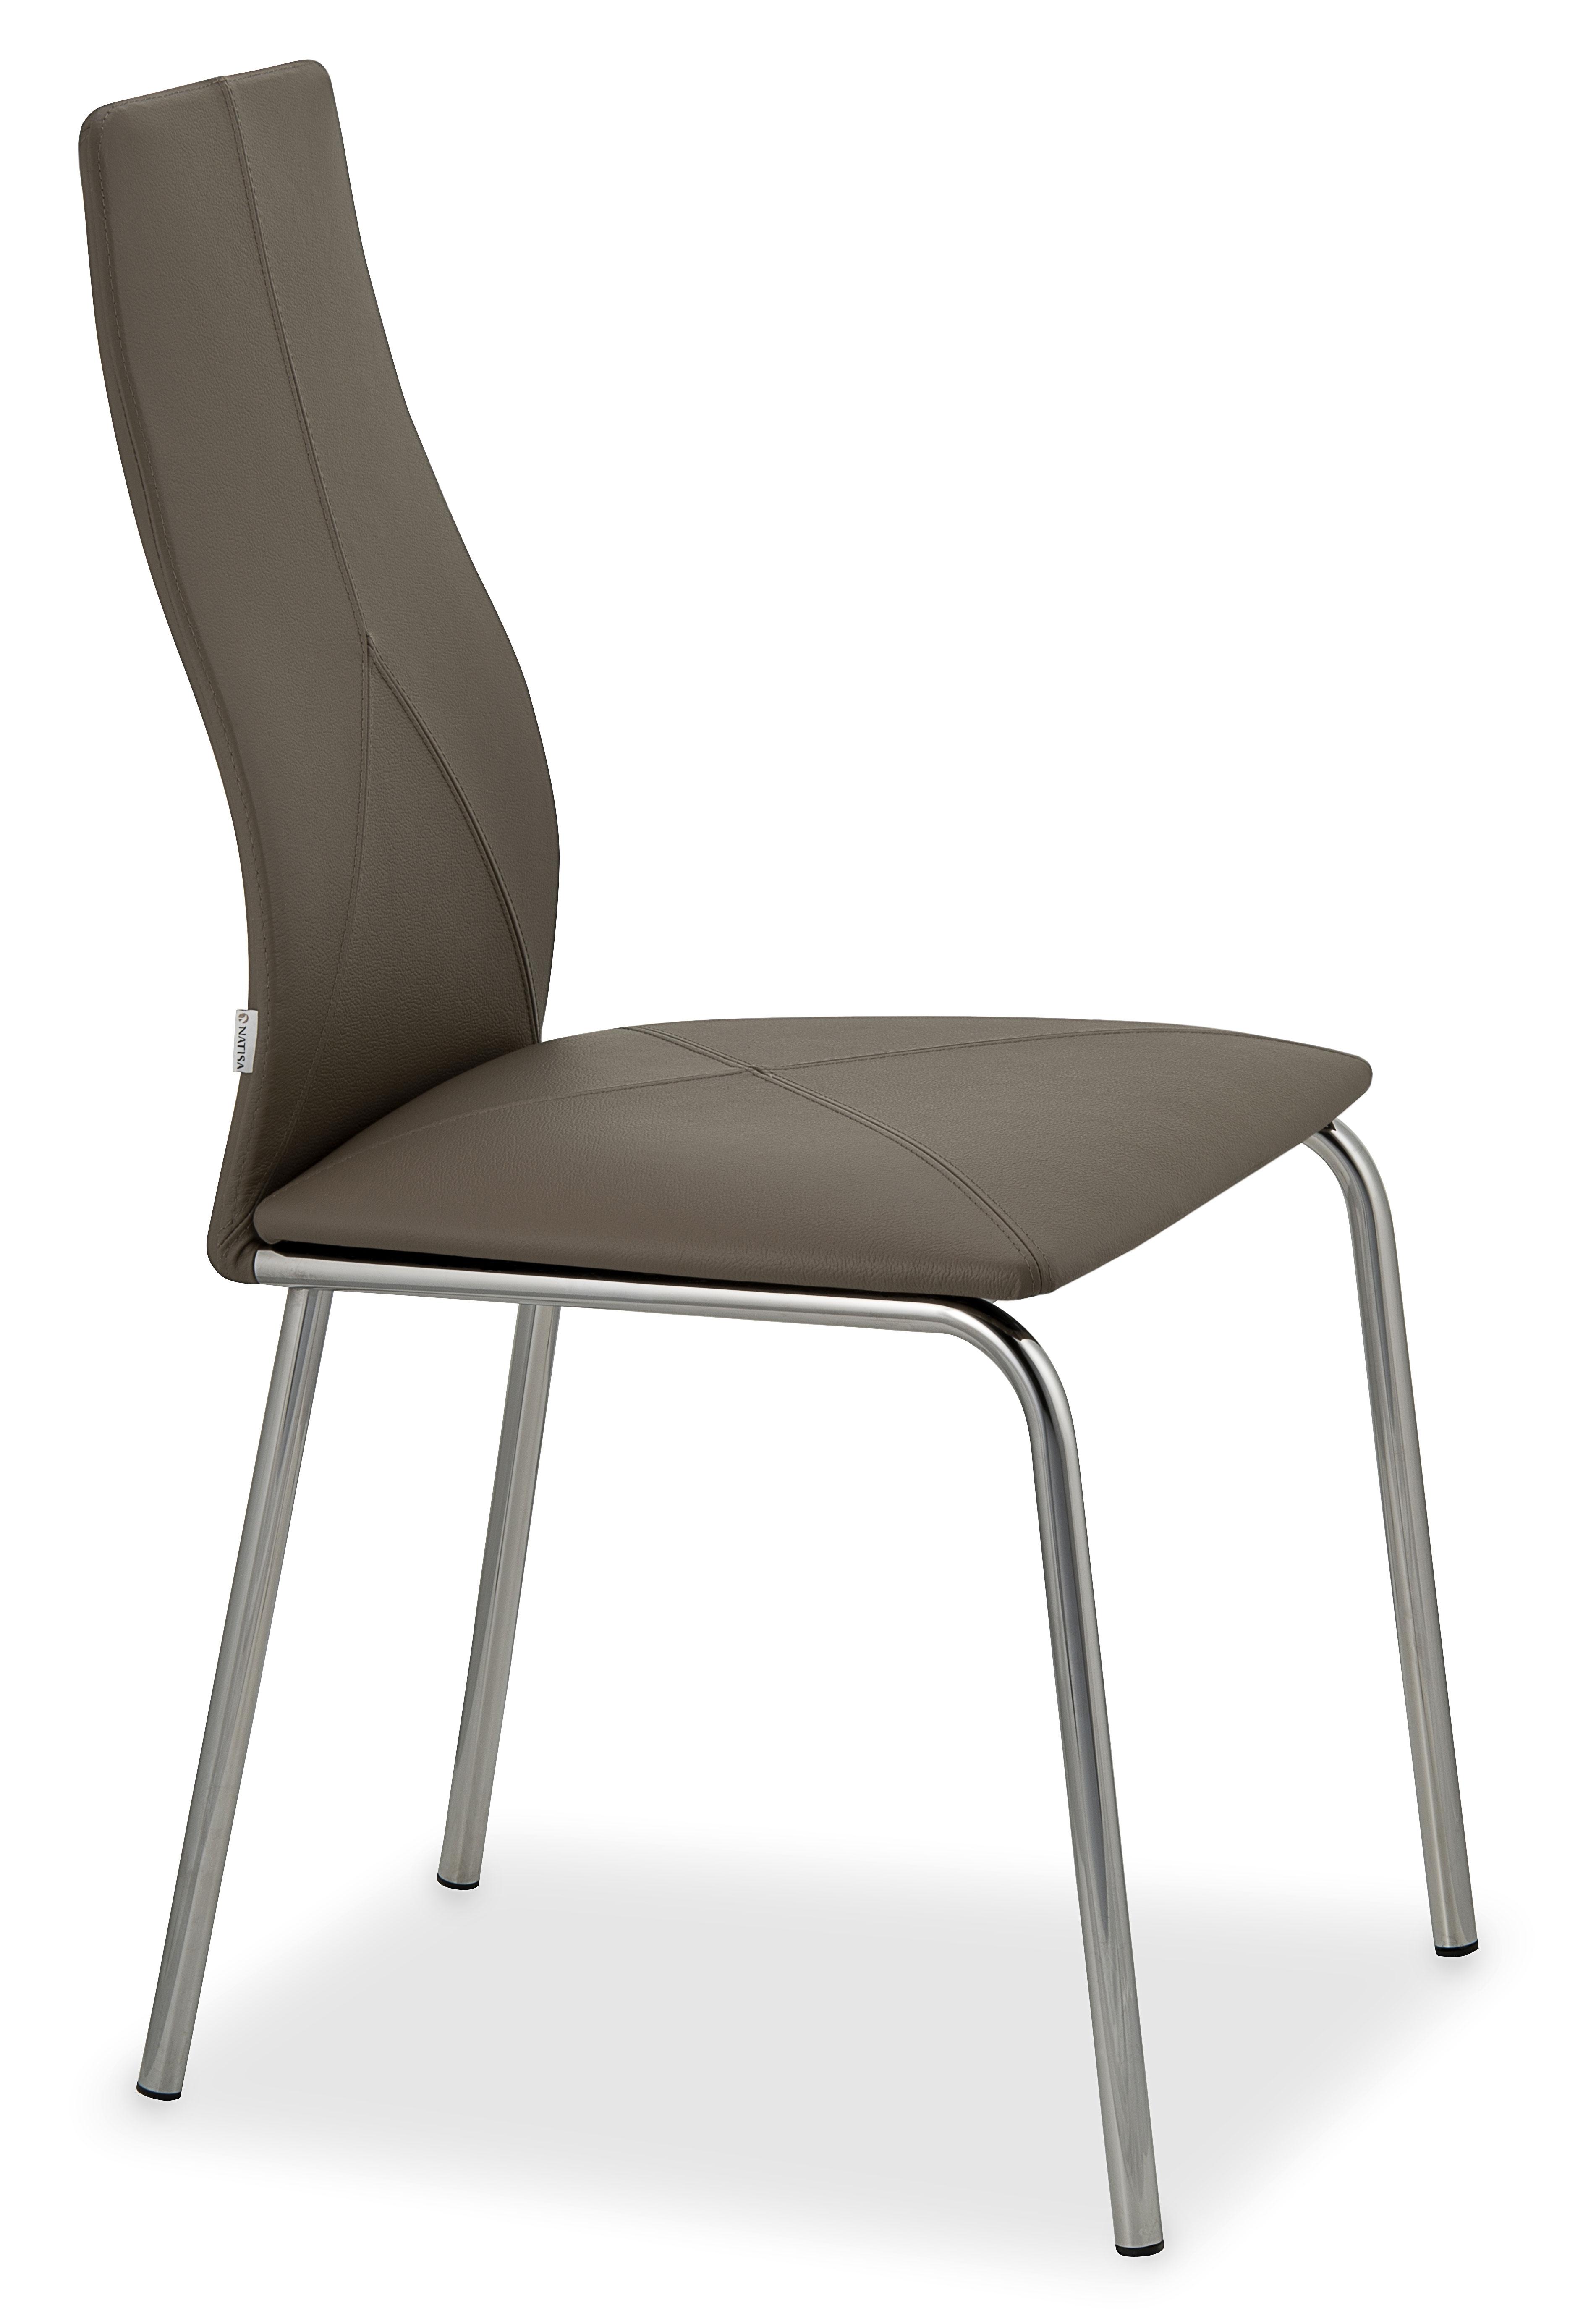 sedia in metallo e pelle trani 2 sedie a prezzi scontati